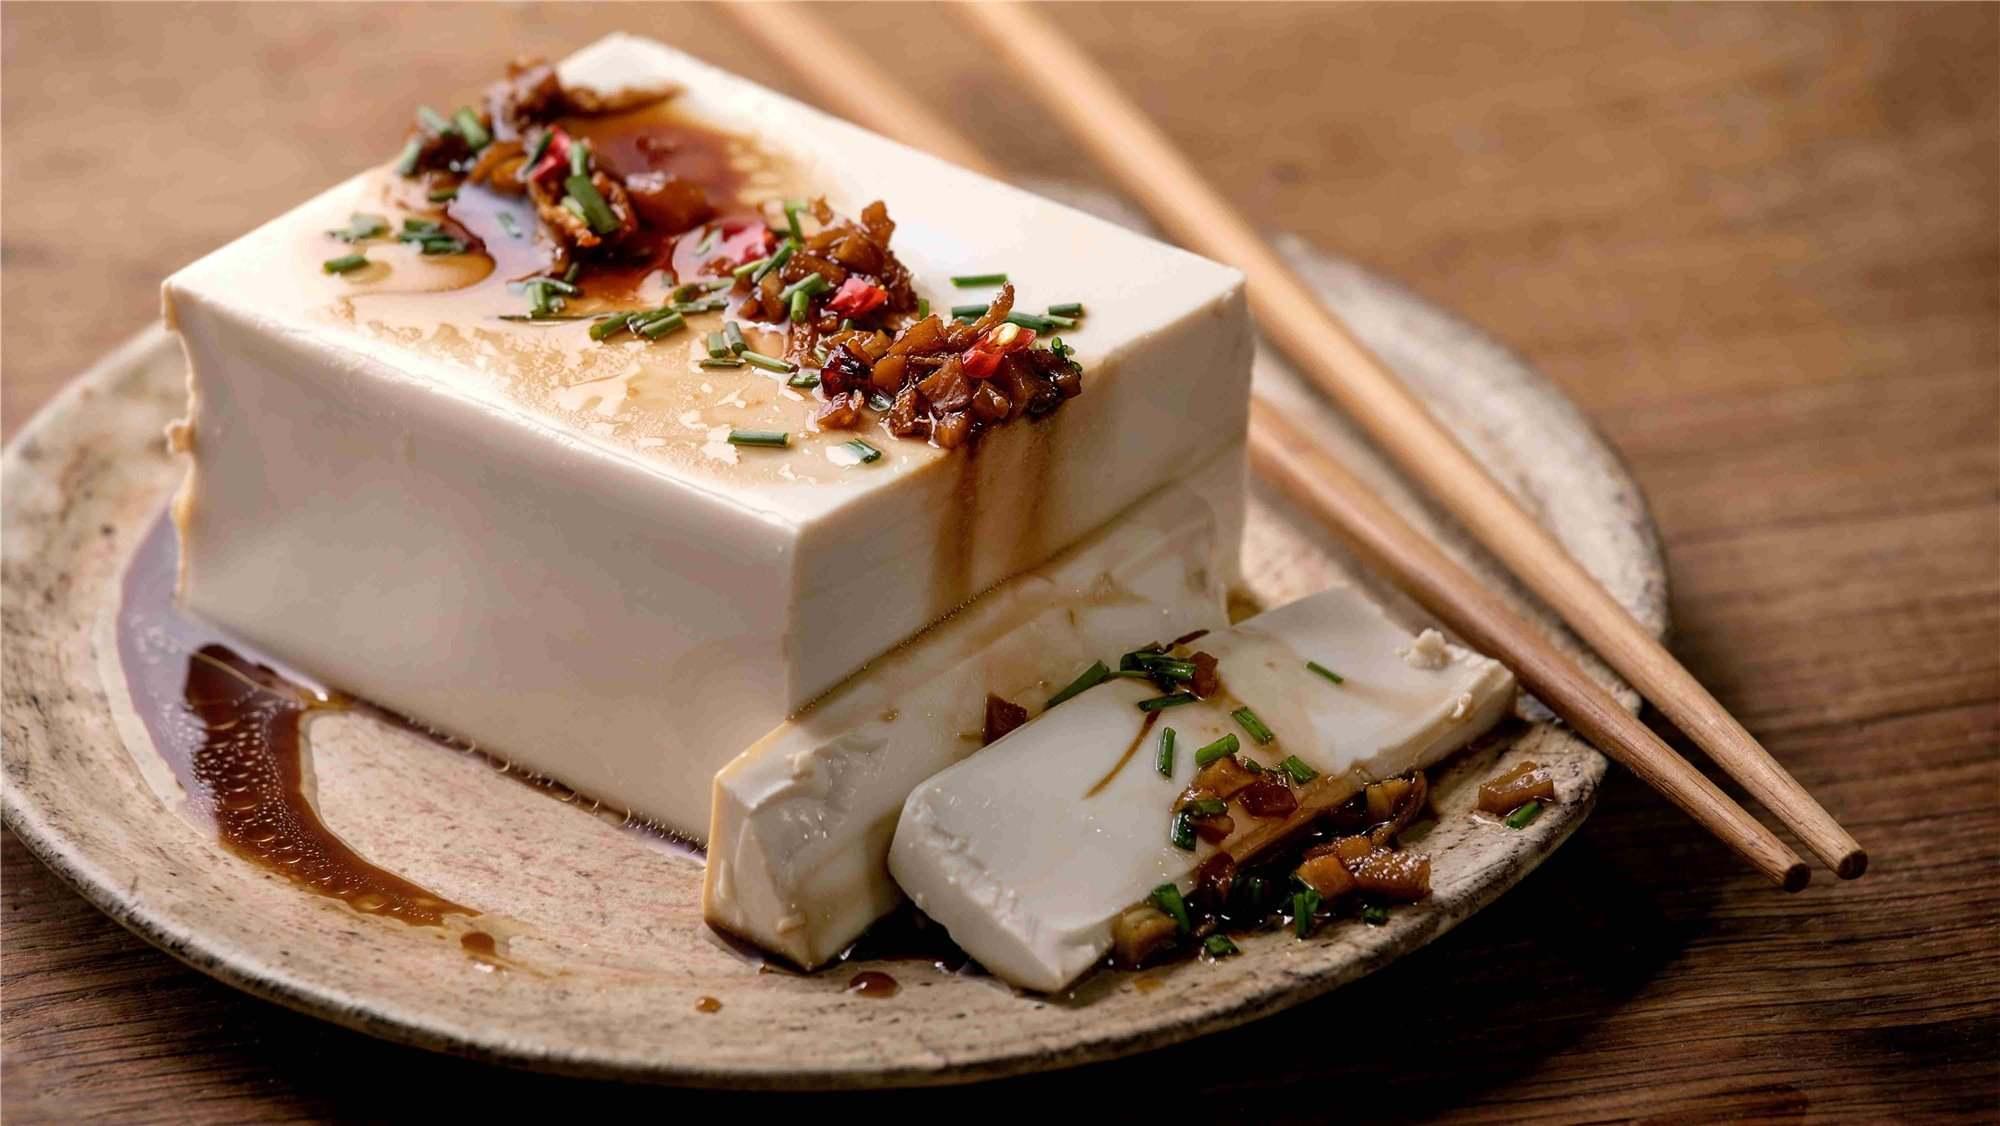 吃一顿豆腐600元还得排队,廉价食品如何卖出价值感?